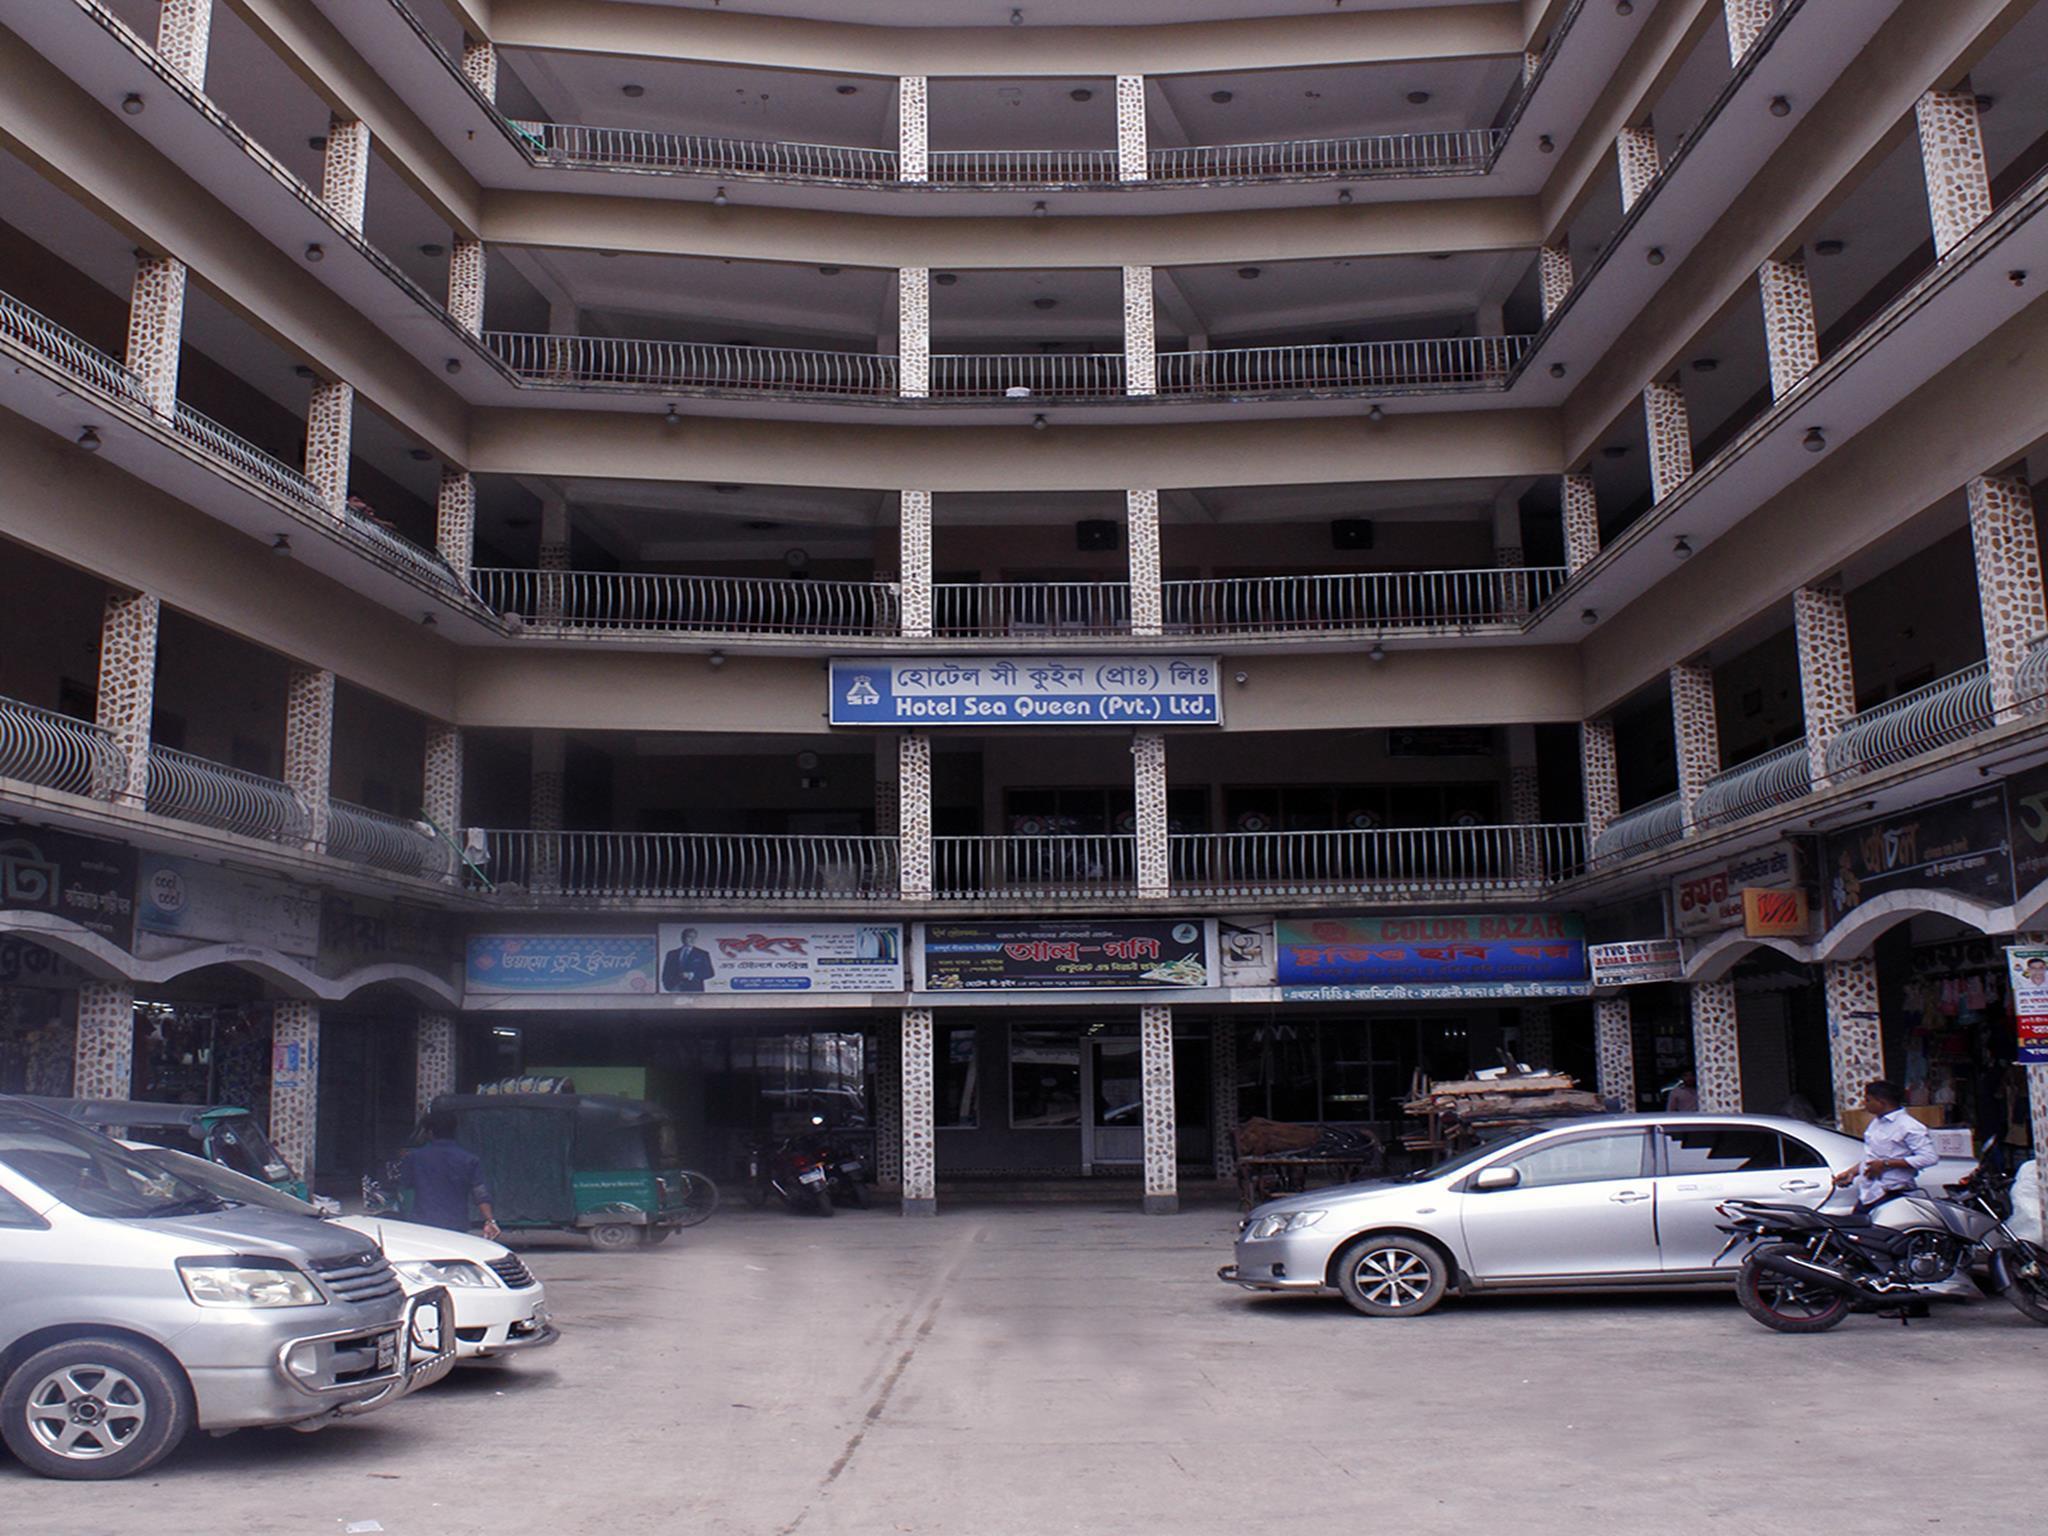 Hotel Sea Queen Pvt Ltd